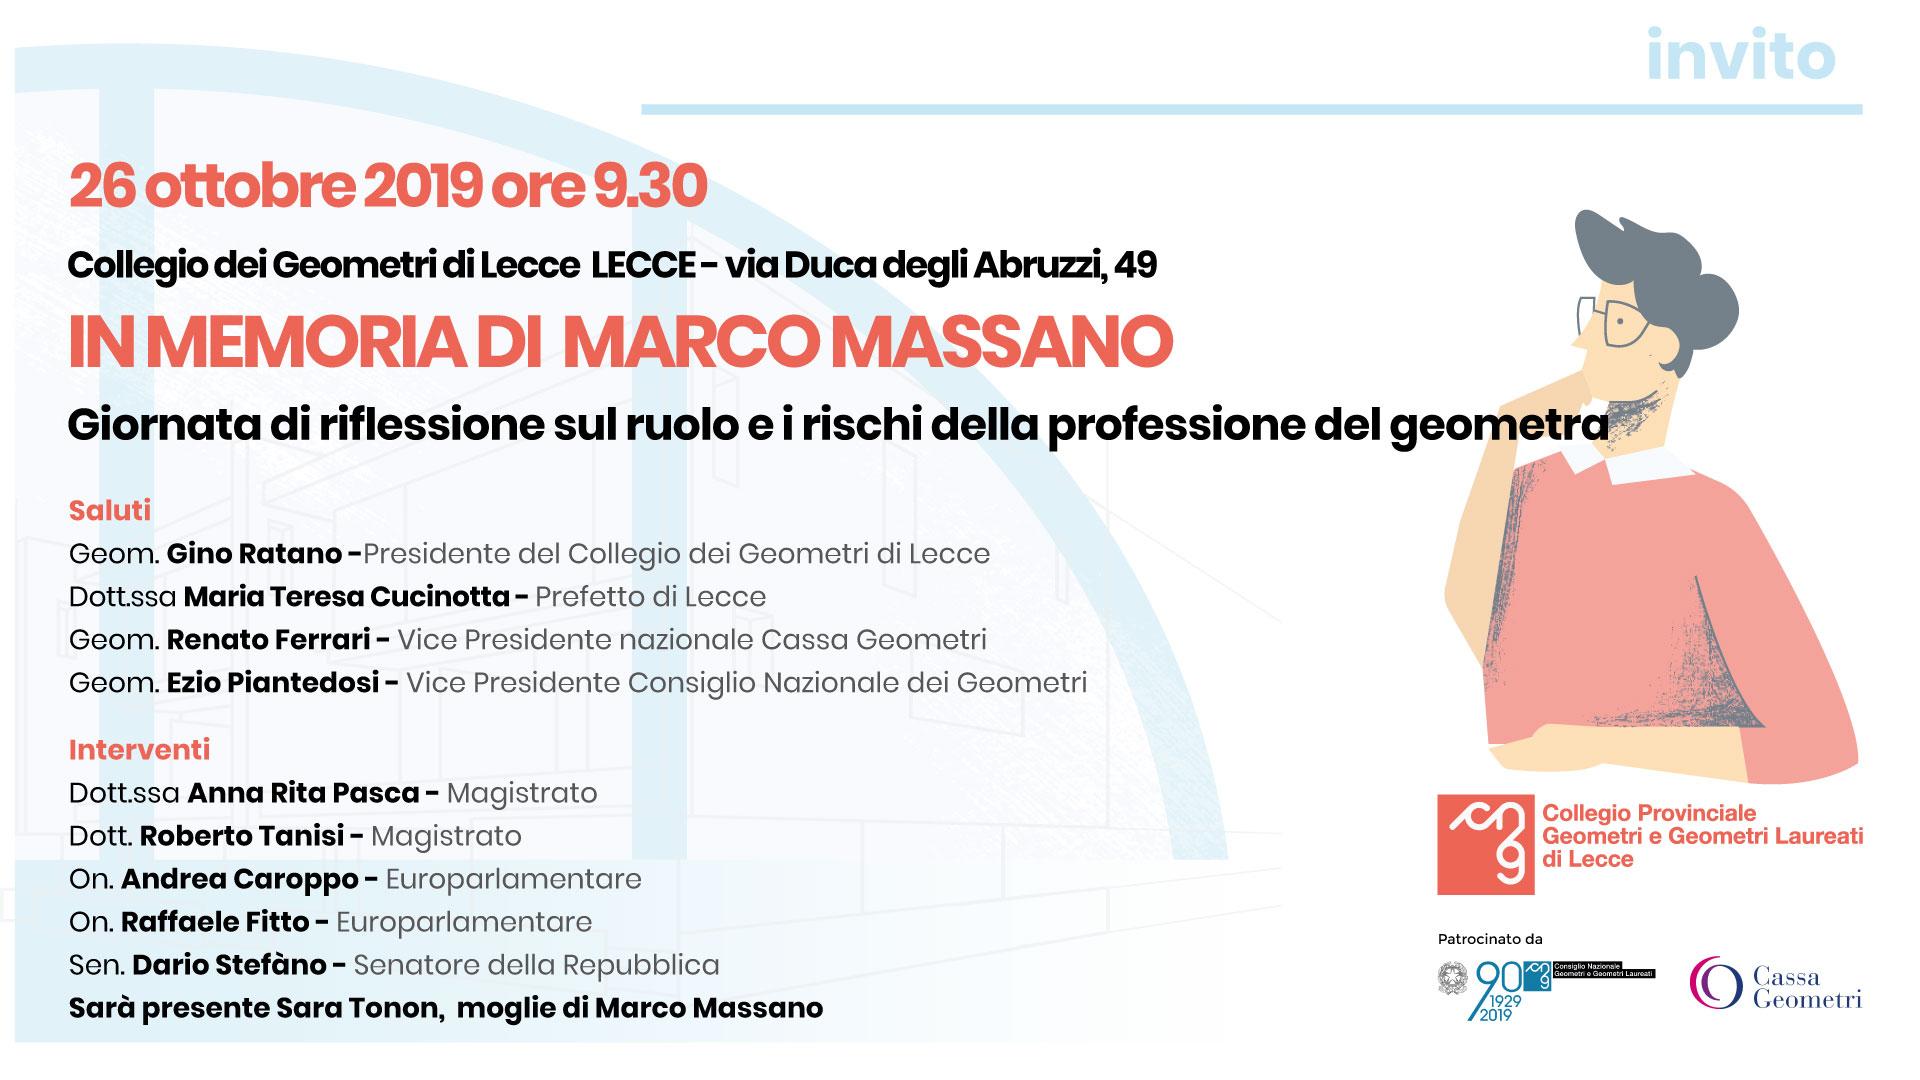 invito_convegno_marco_massano.jpg